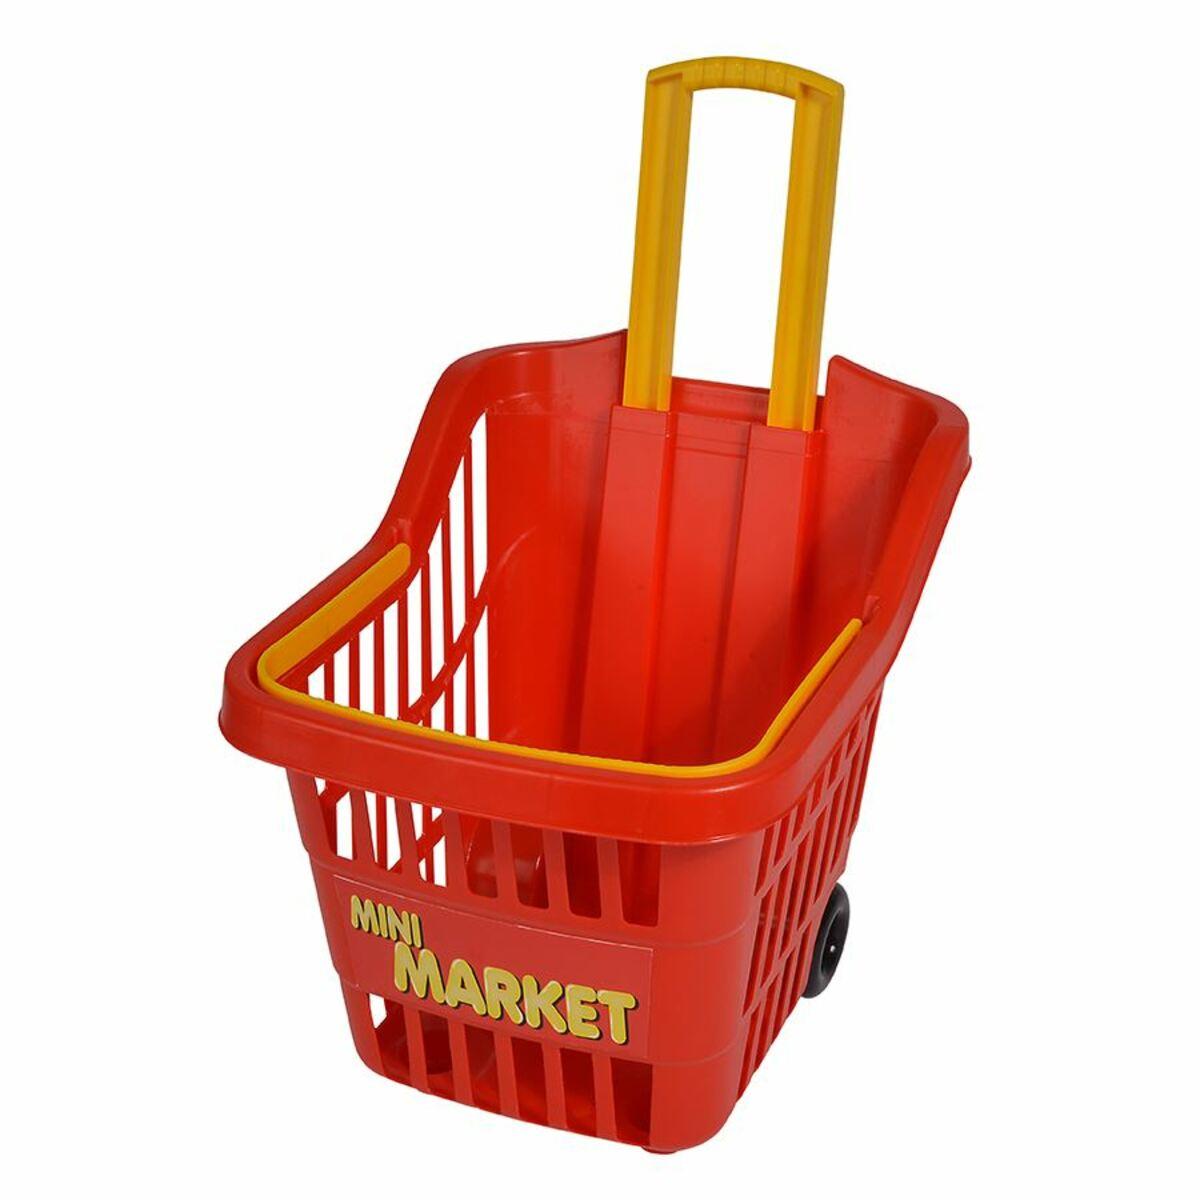 Bild 2 von Kinder-Einkaufstrolley Mini Market 30x24,5x26cm